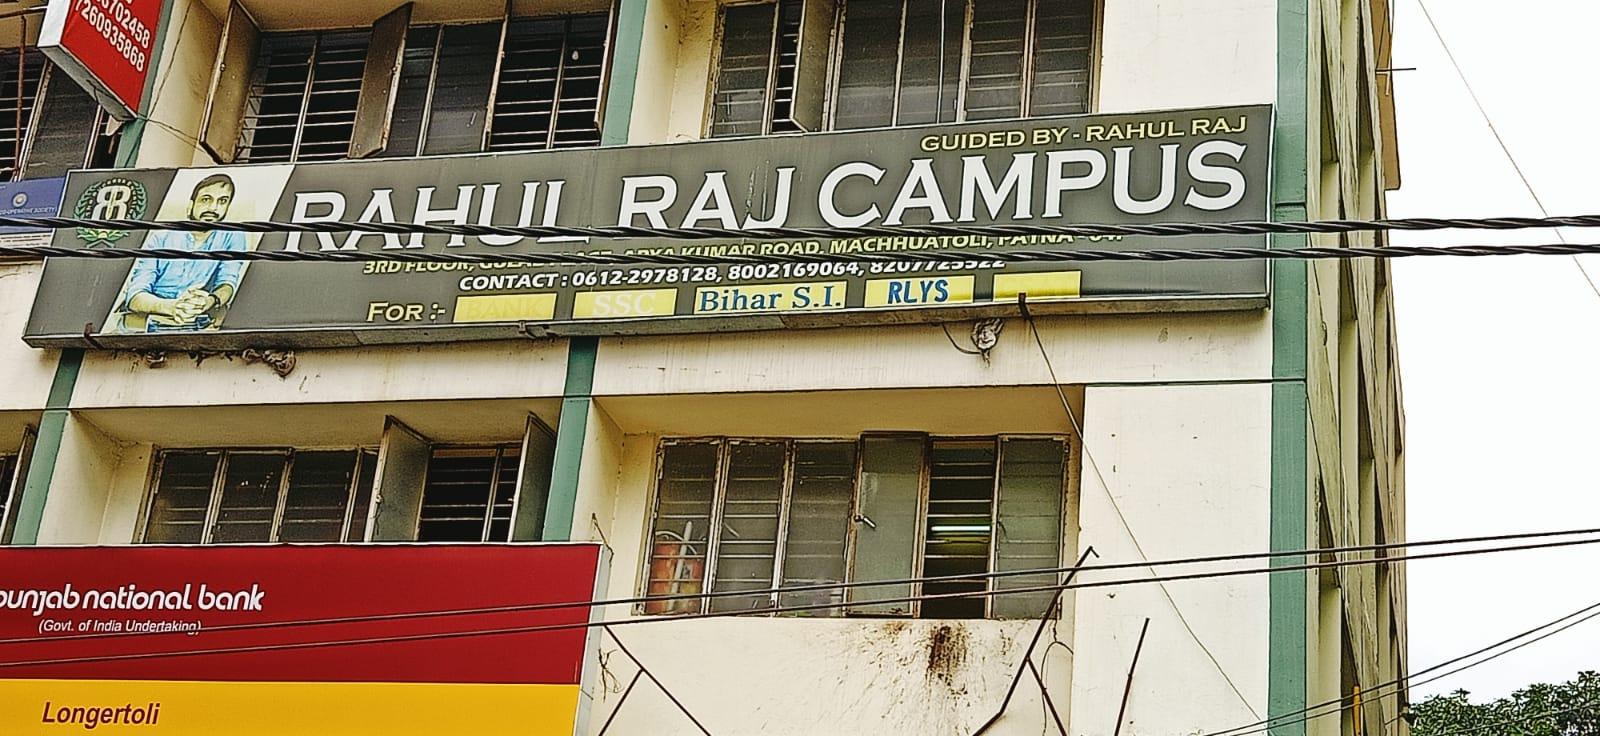 RAHUL RAJ CAMPUS Logo